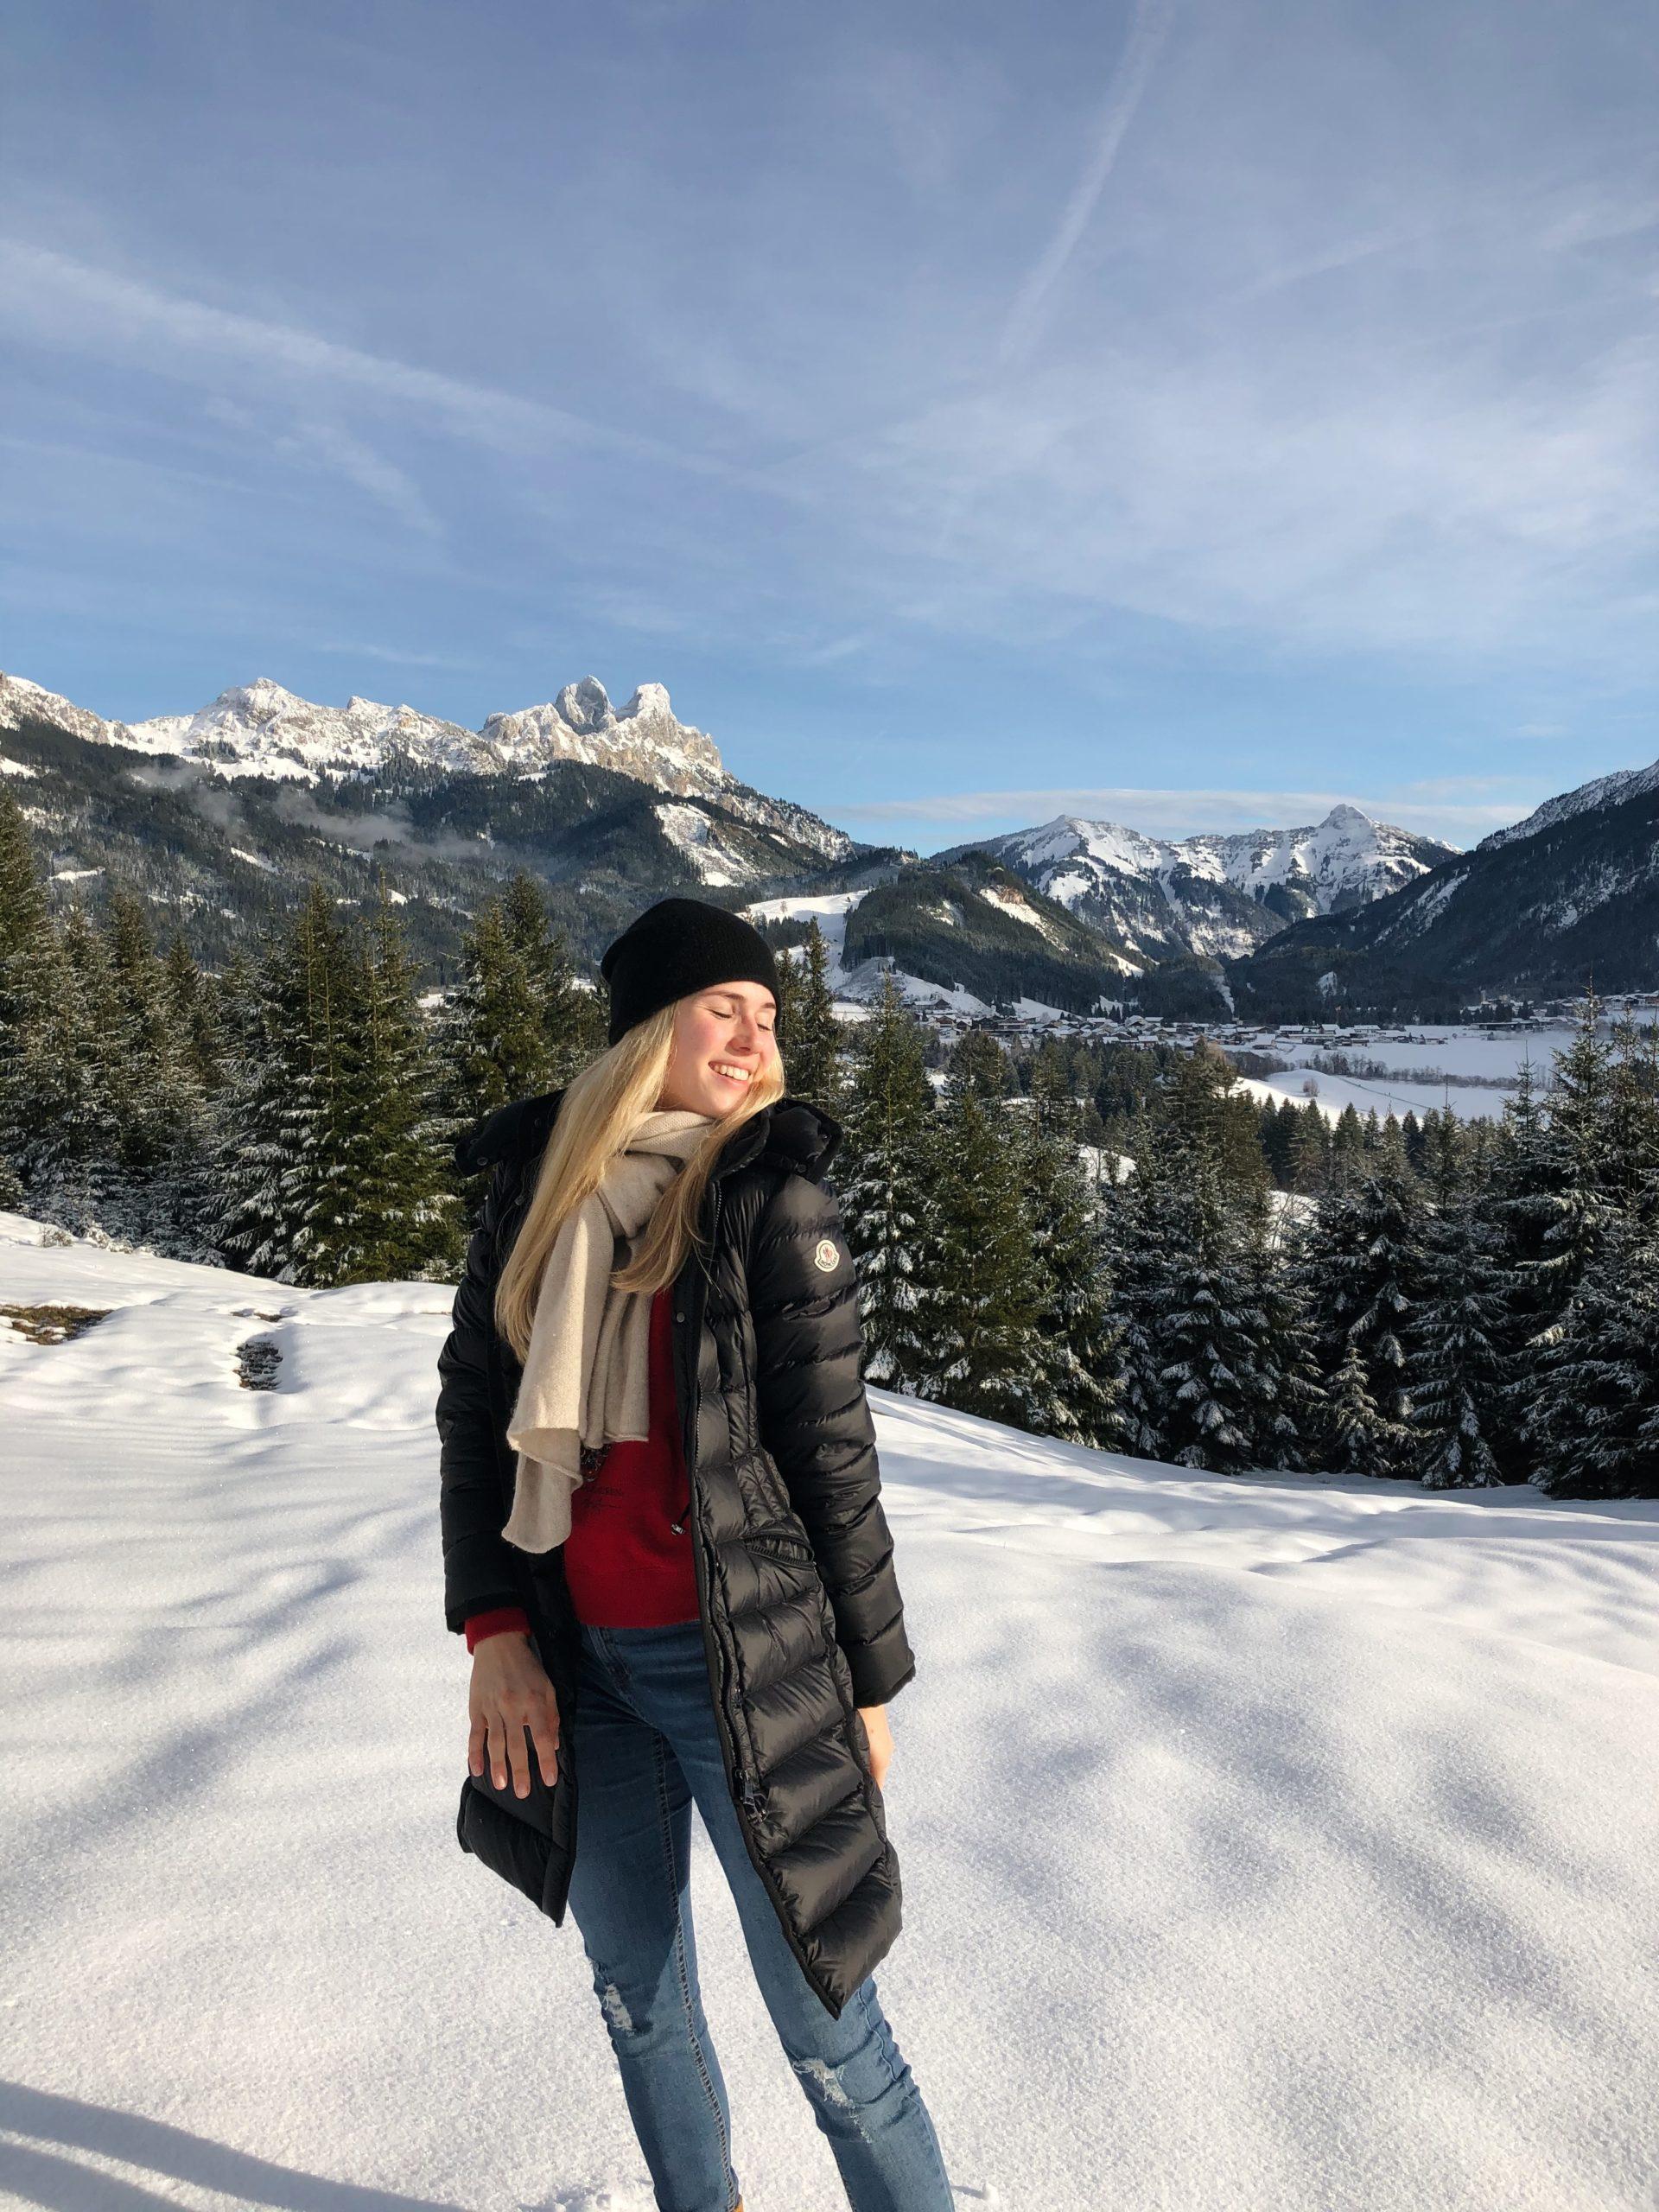 Monday Mornings #25: New Year's Resolutions auf dem österreichischen Lifestyle Blog Bits and Bobs by Eva. Mehr Vorsätze auf www.bitsandbobsbyeva.com